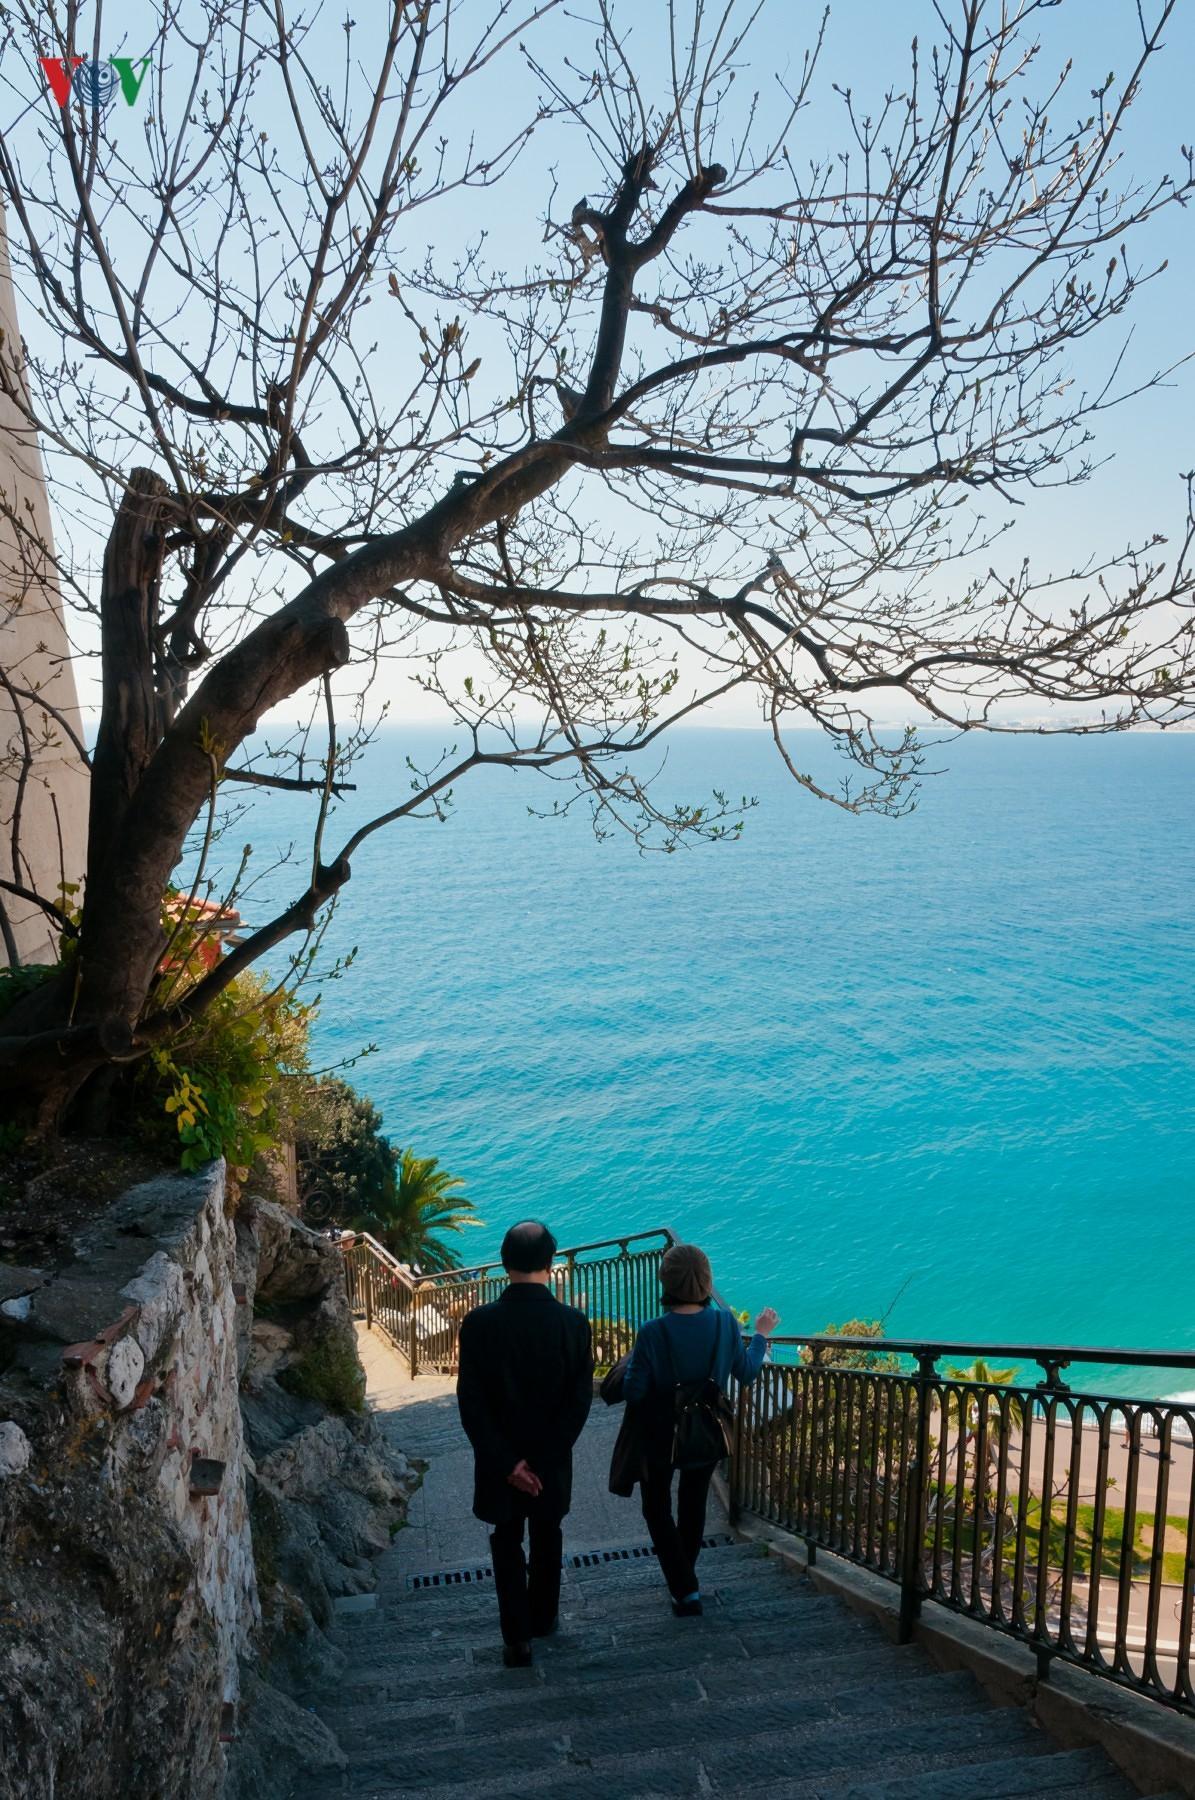 Khám phá Nice - thành phố biển quyến rũ nhất Địa Trung Hải Ảnh 9